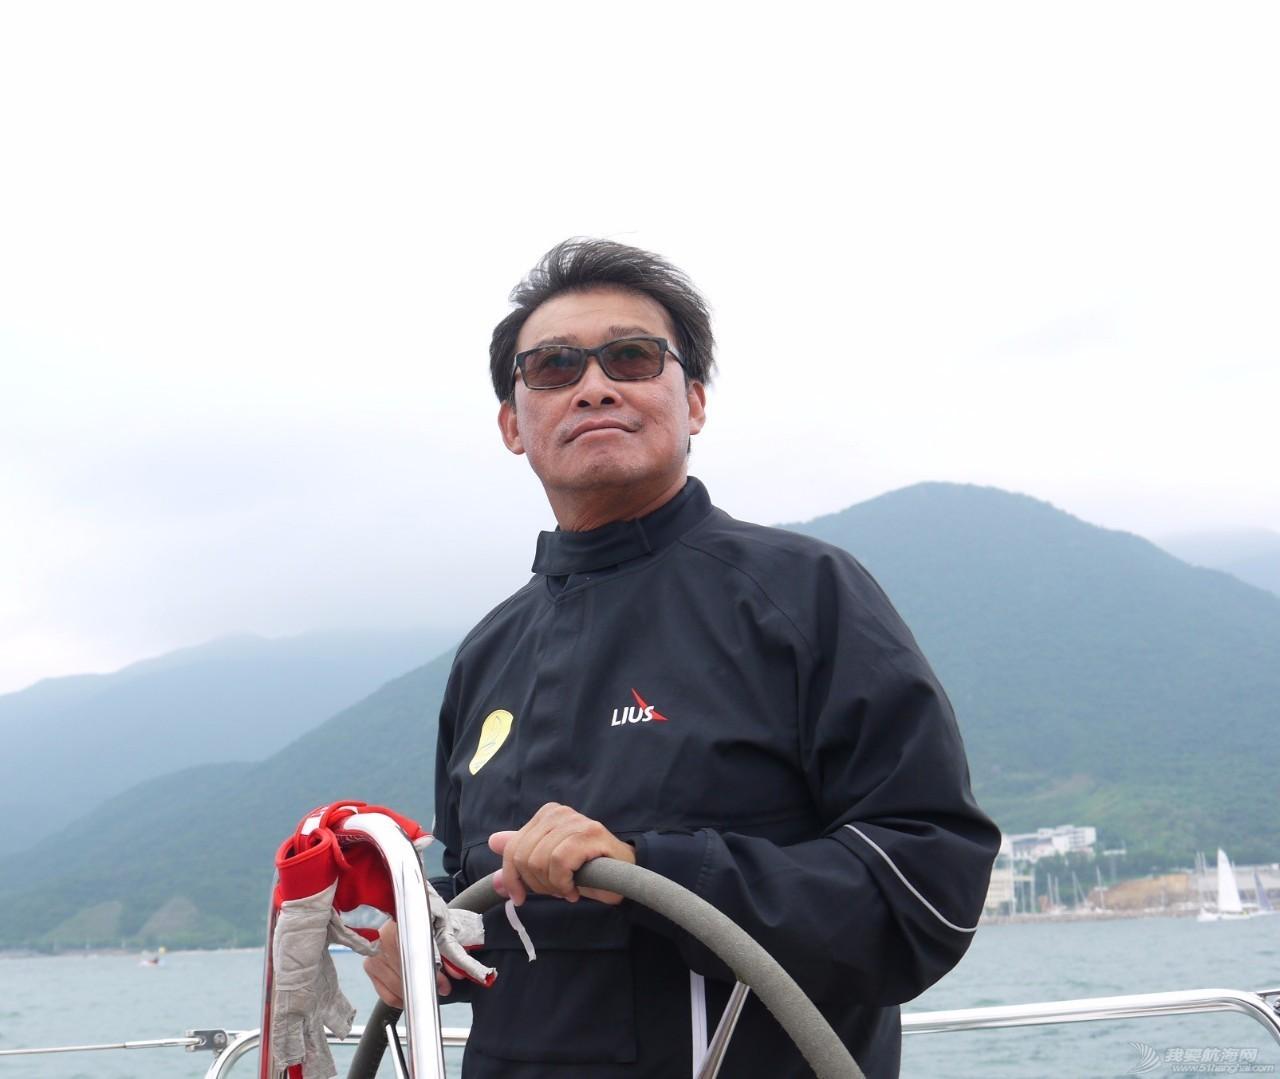 2016环香港岛帆船赛︱你准备好了吗? 6211d2d56c9c7a4dec5a2efd34eae774.jpg